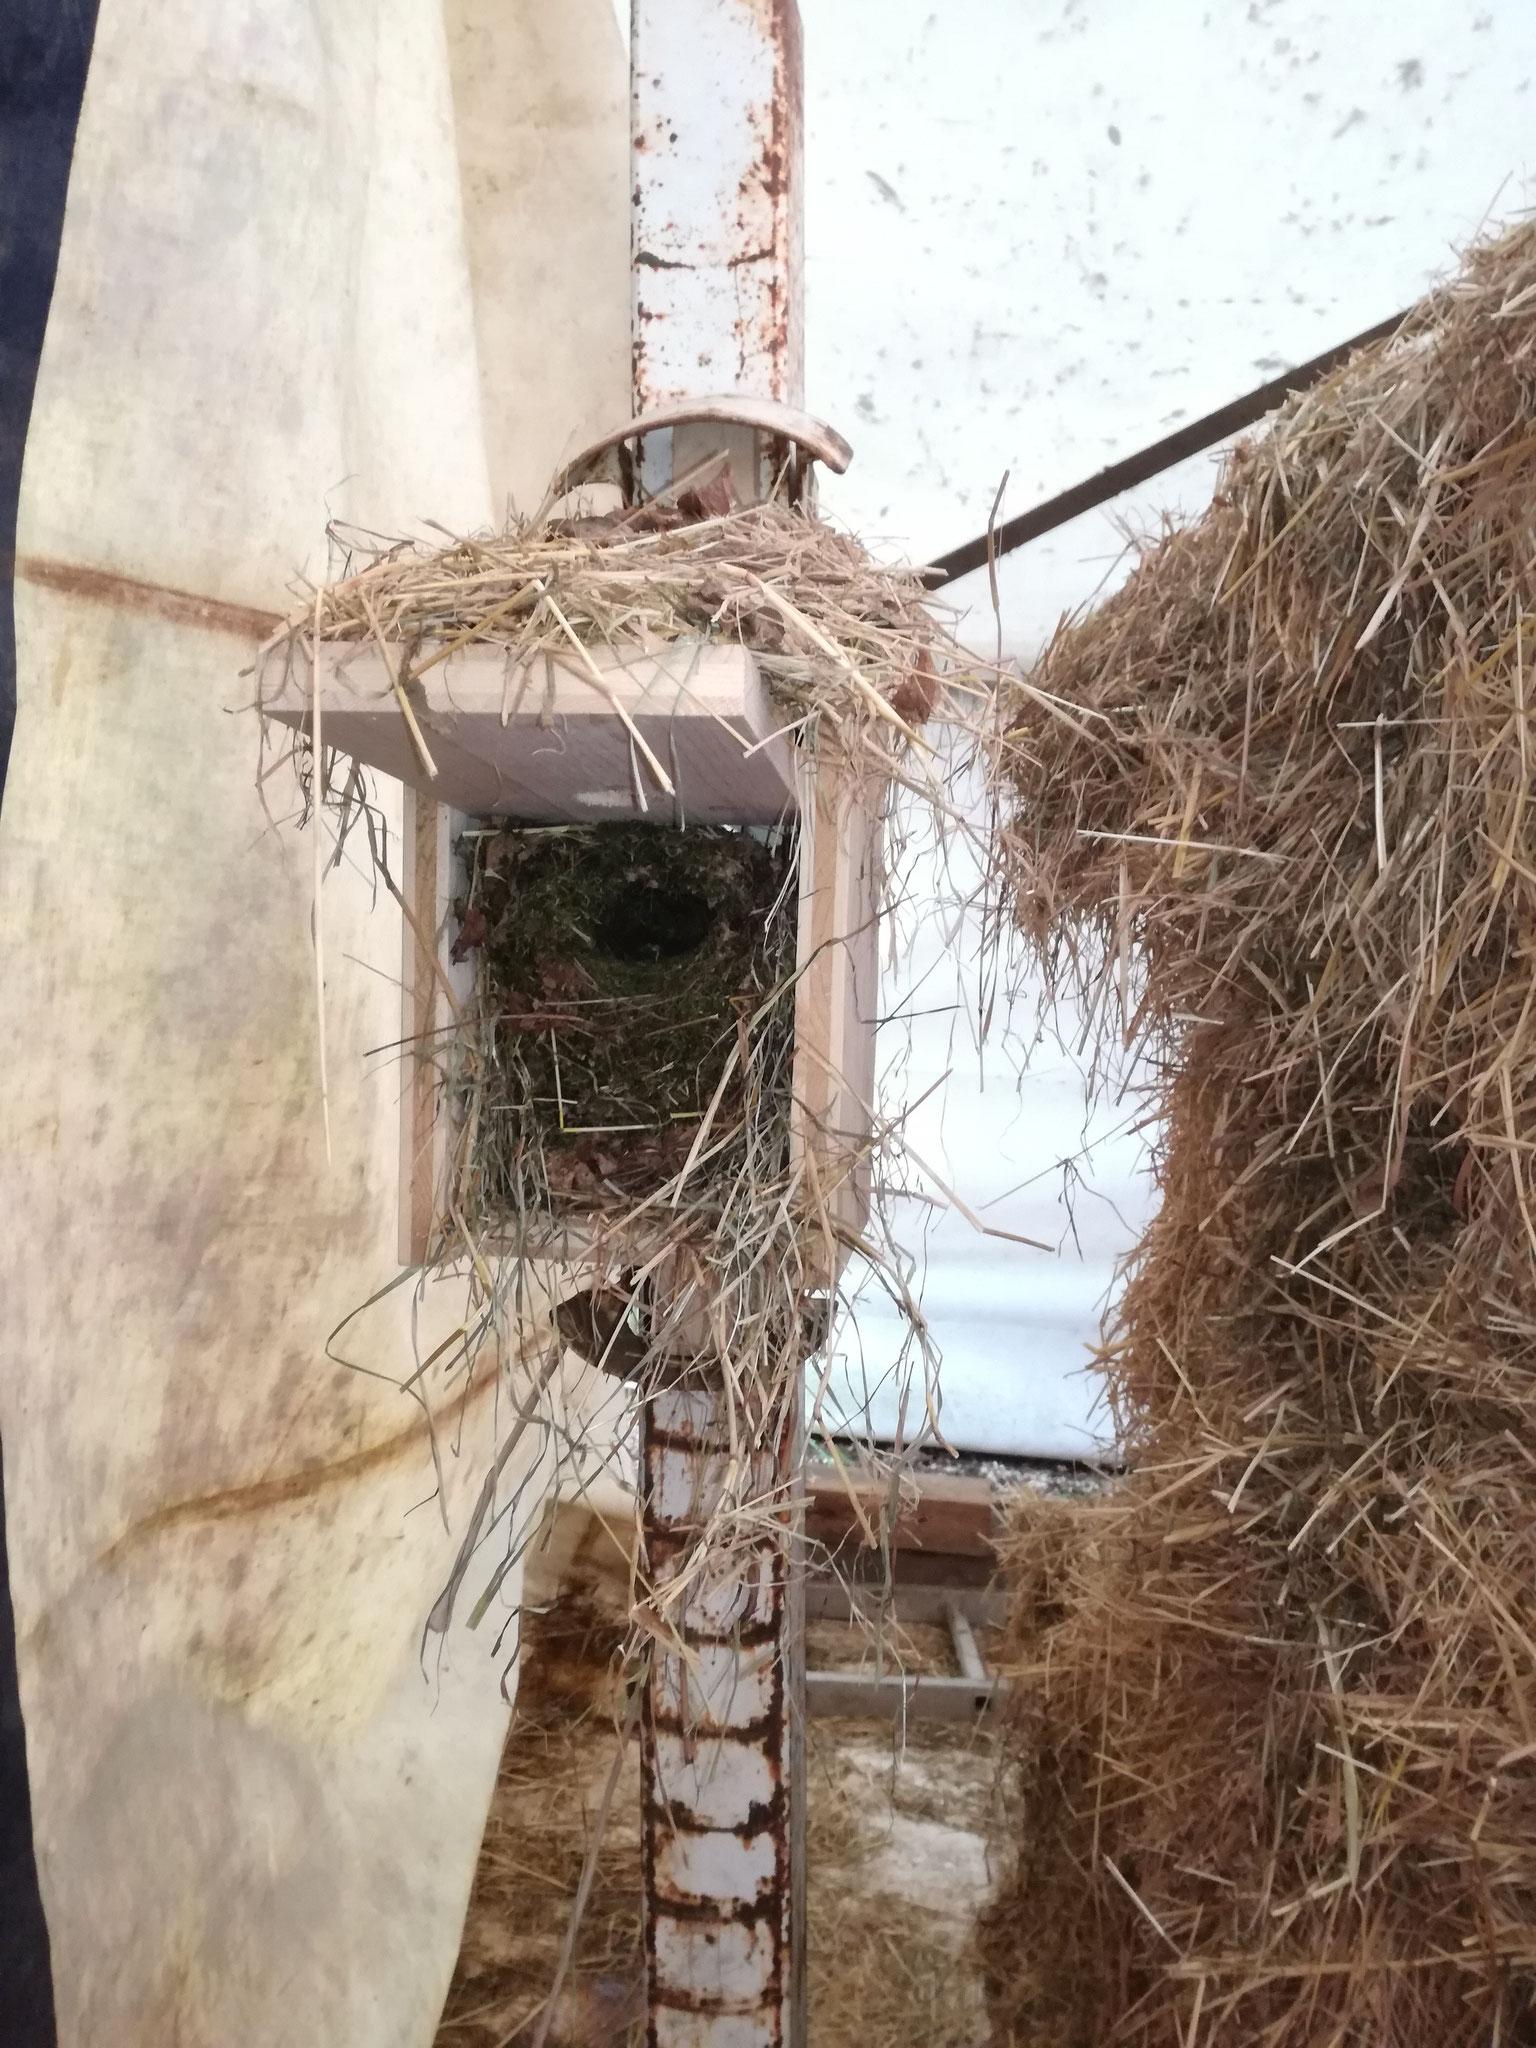 das Nest, unversehrt in dem Festgezurrten Nistkästen und zur Krönung kam auch gleich der kleine Zaunkönig zurück an sein Nest